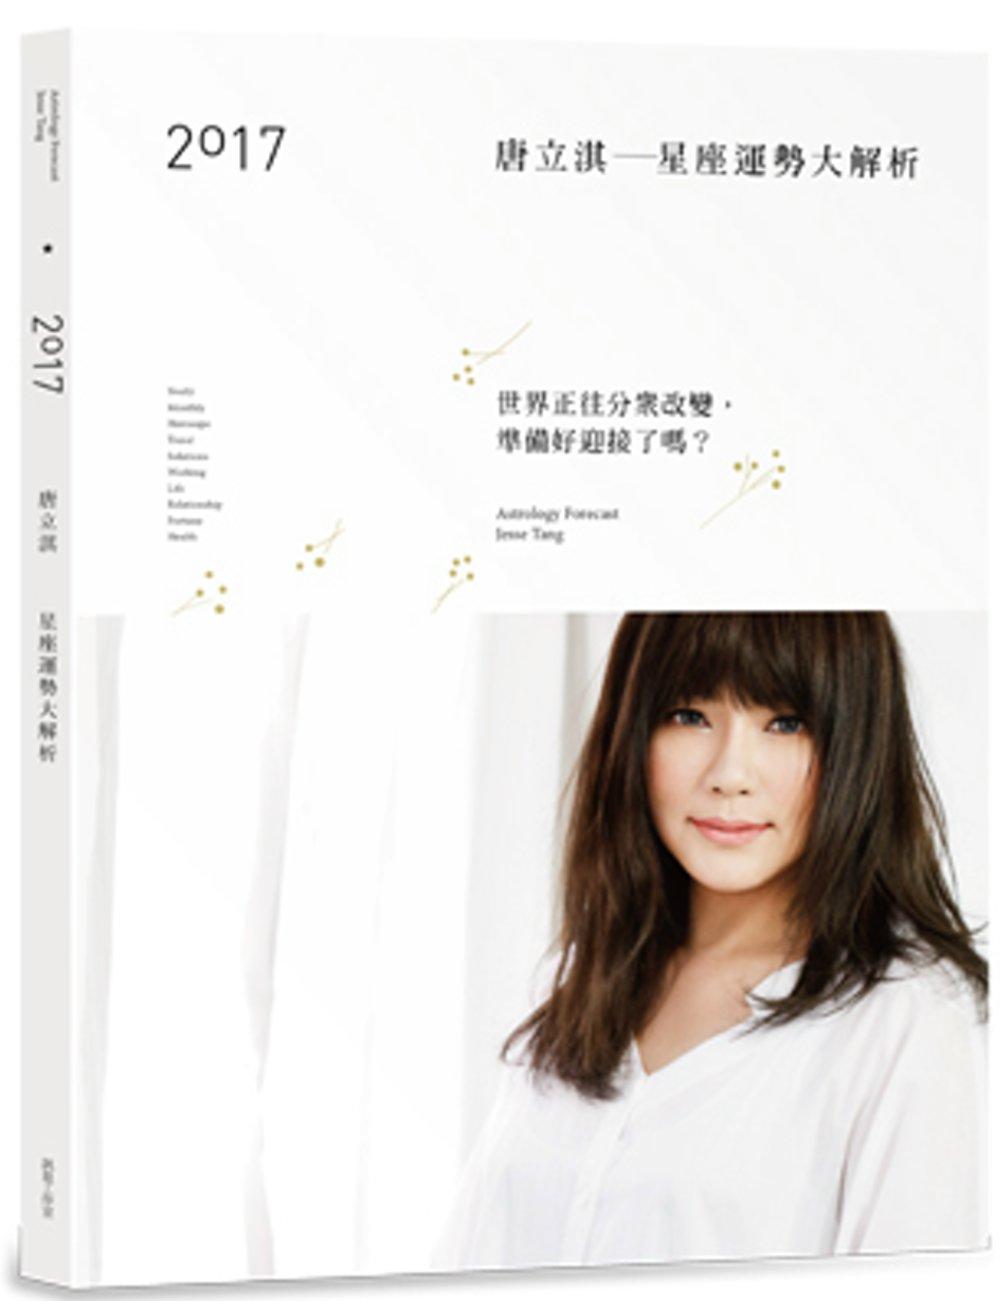 2017唐立淇星座運勢大解析(簽名版)